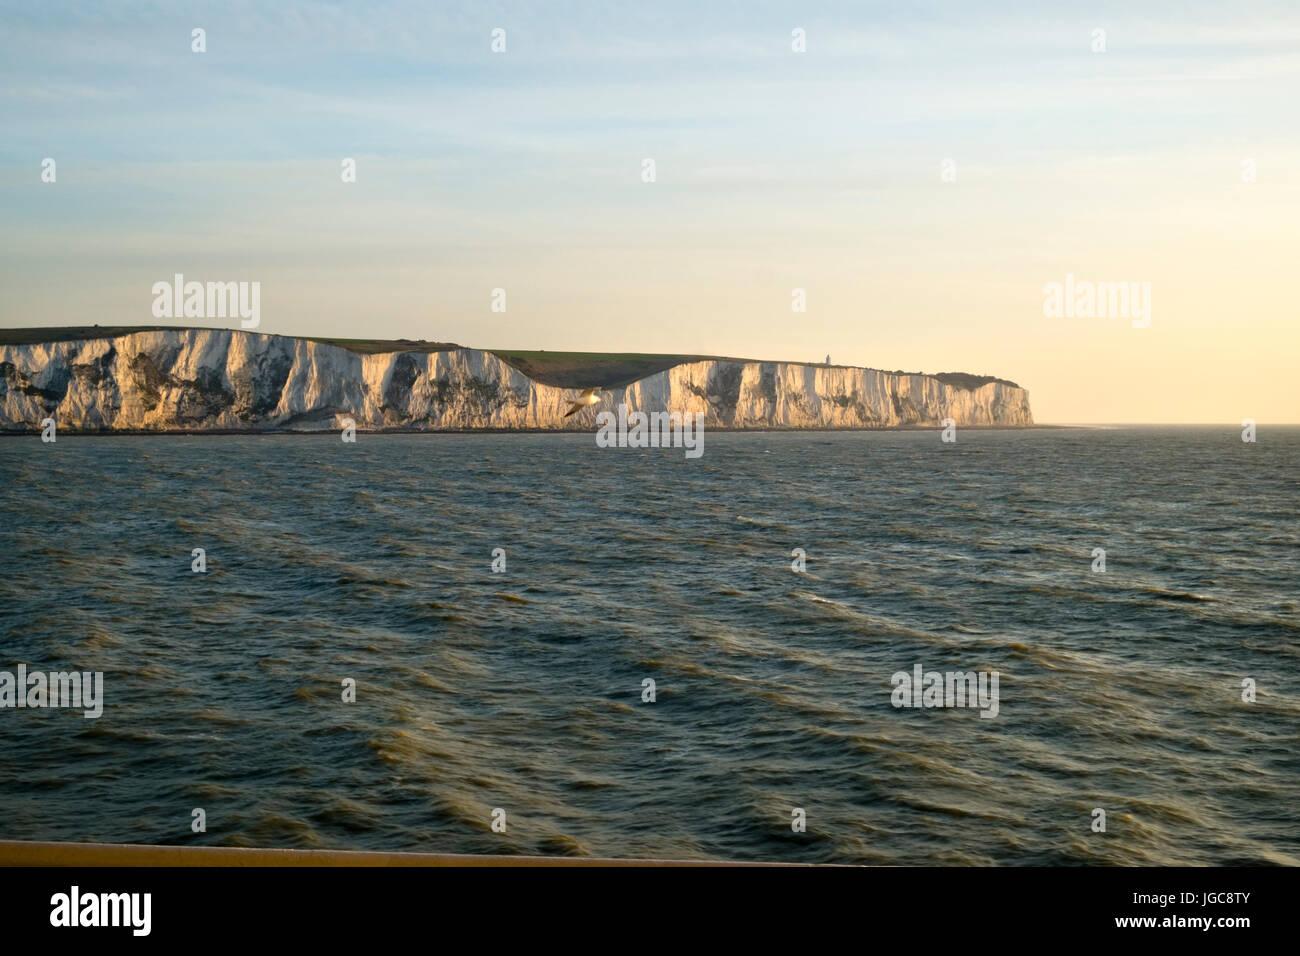 Un matin tôt cross channel ferry passe les falaises blanches de Douvres, Kent, UK en direction de Calais, France. Banque D'Images